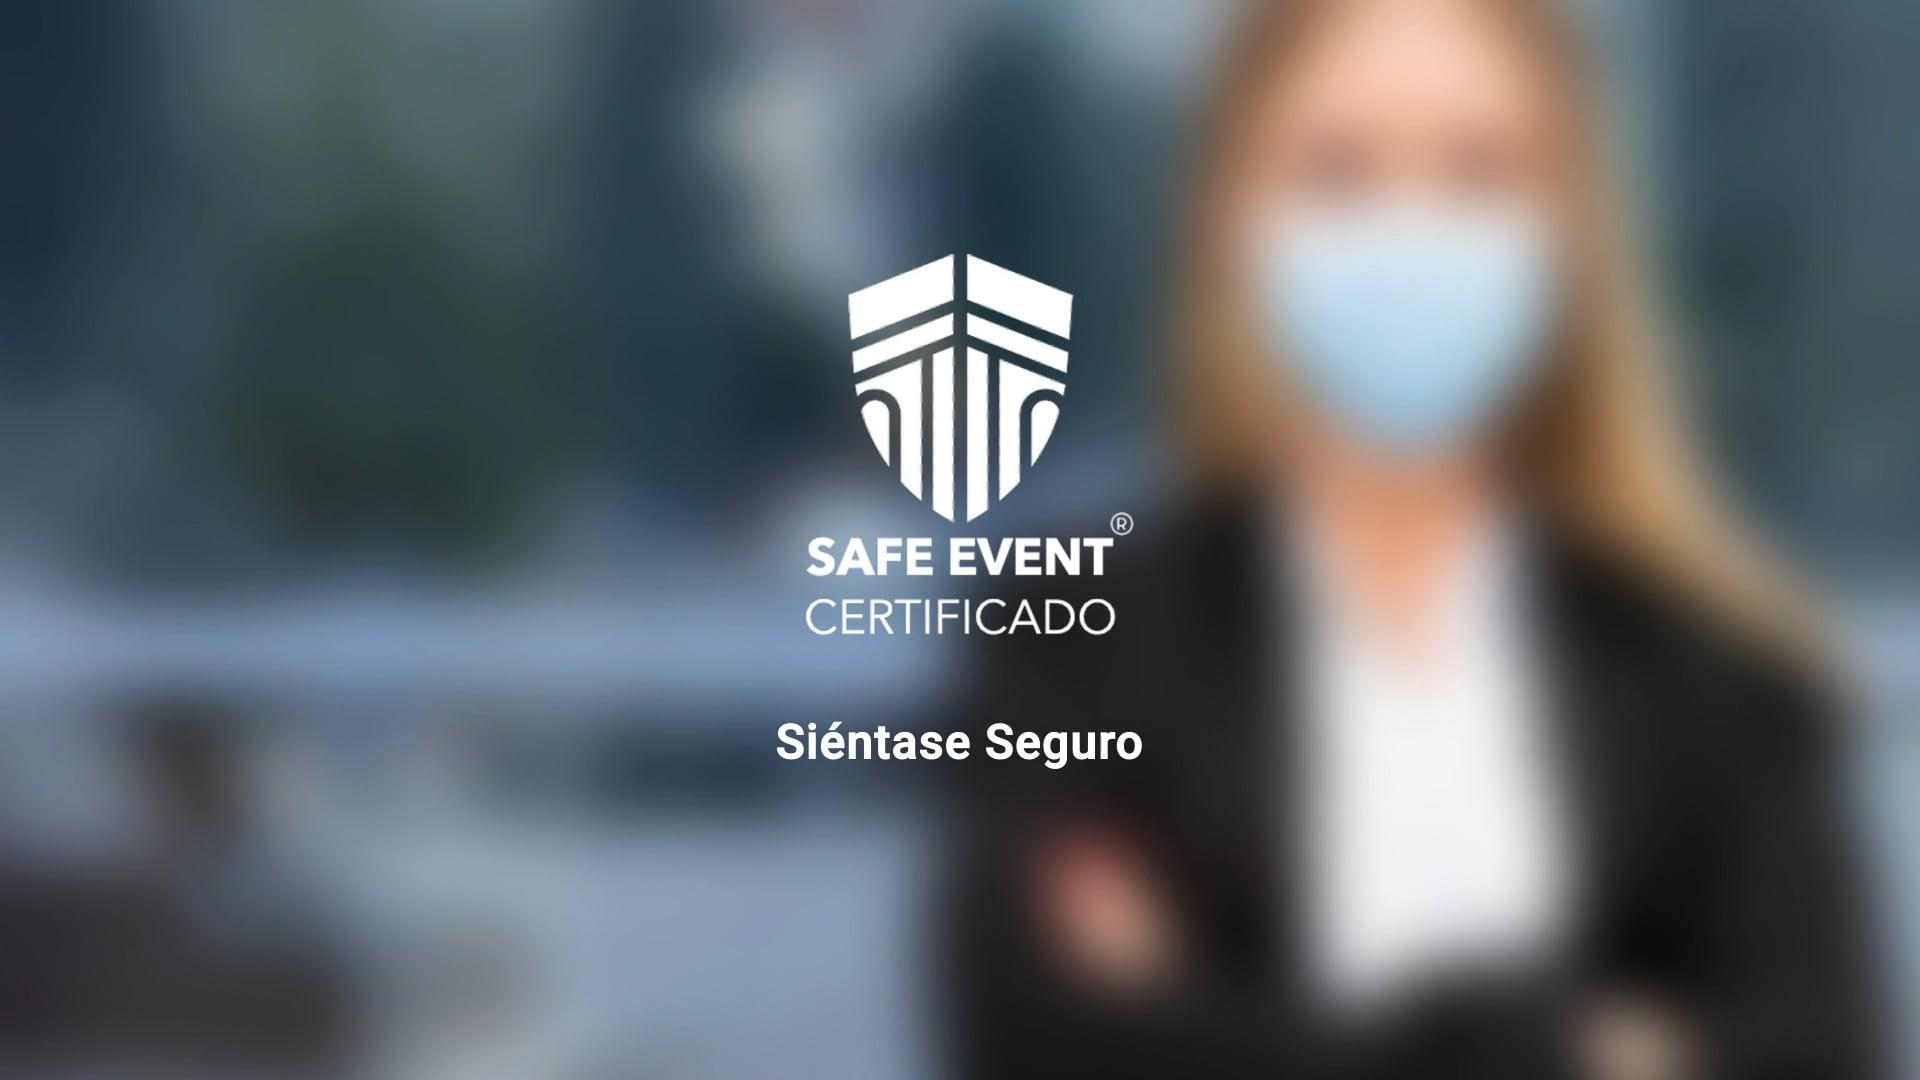 SAFE EVENT Certificado